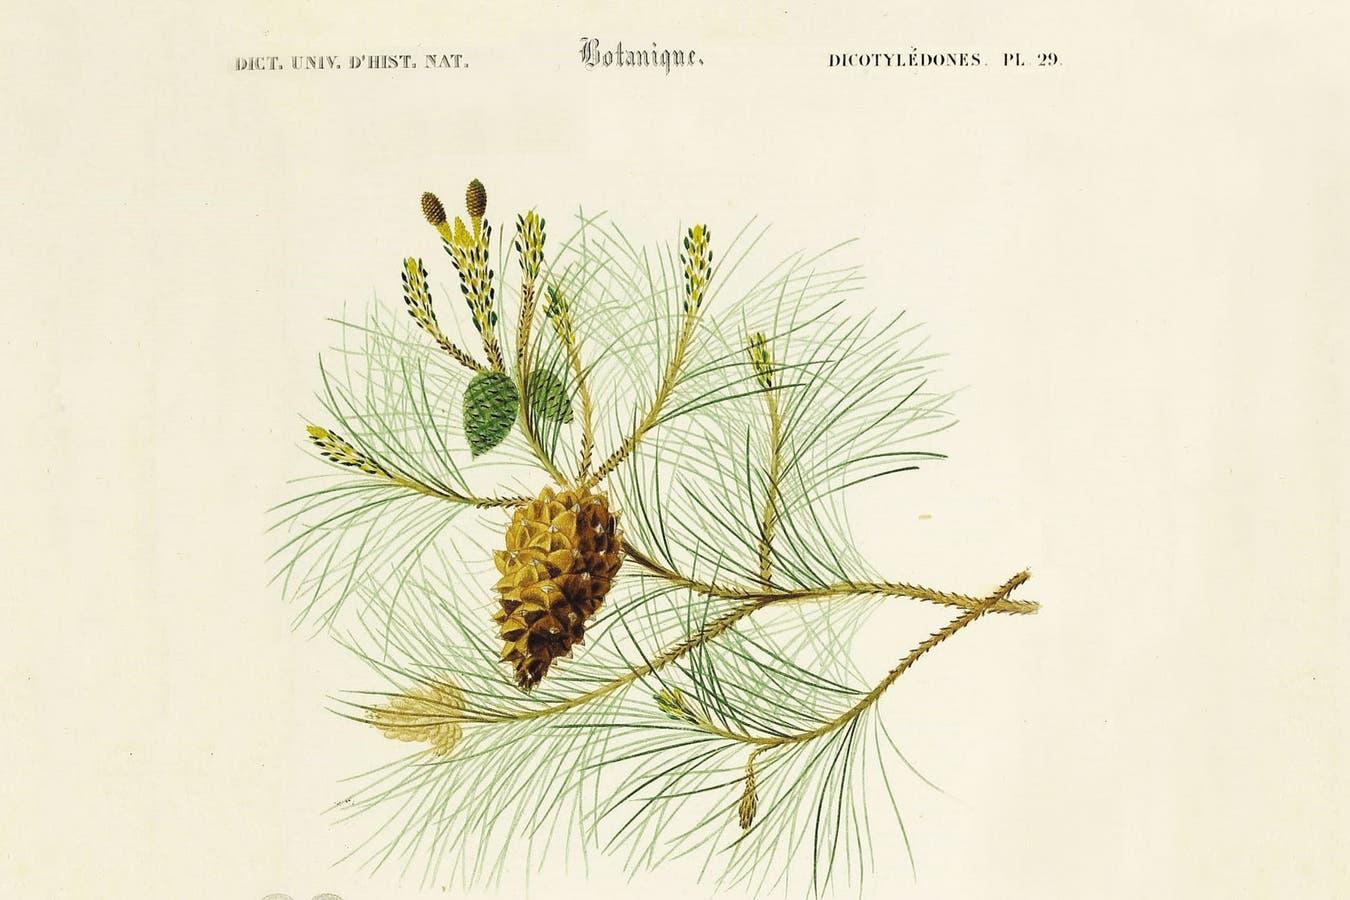 El reino vegetal comprende unas 350.000 especies, que se clasifican por su morfología, es decir, las características de sus frutos, flores, hojas, raíces y tallos.